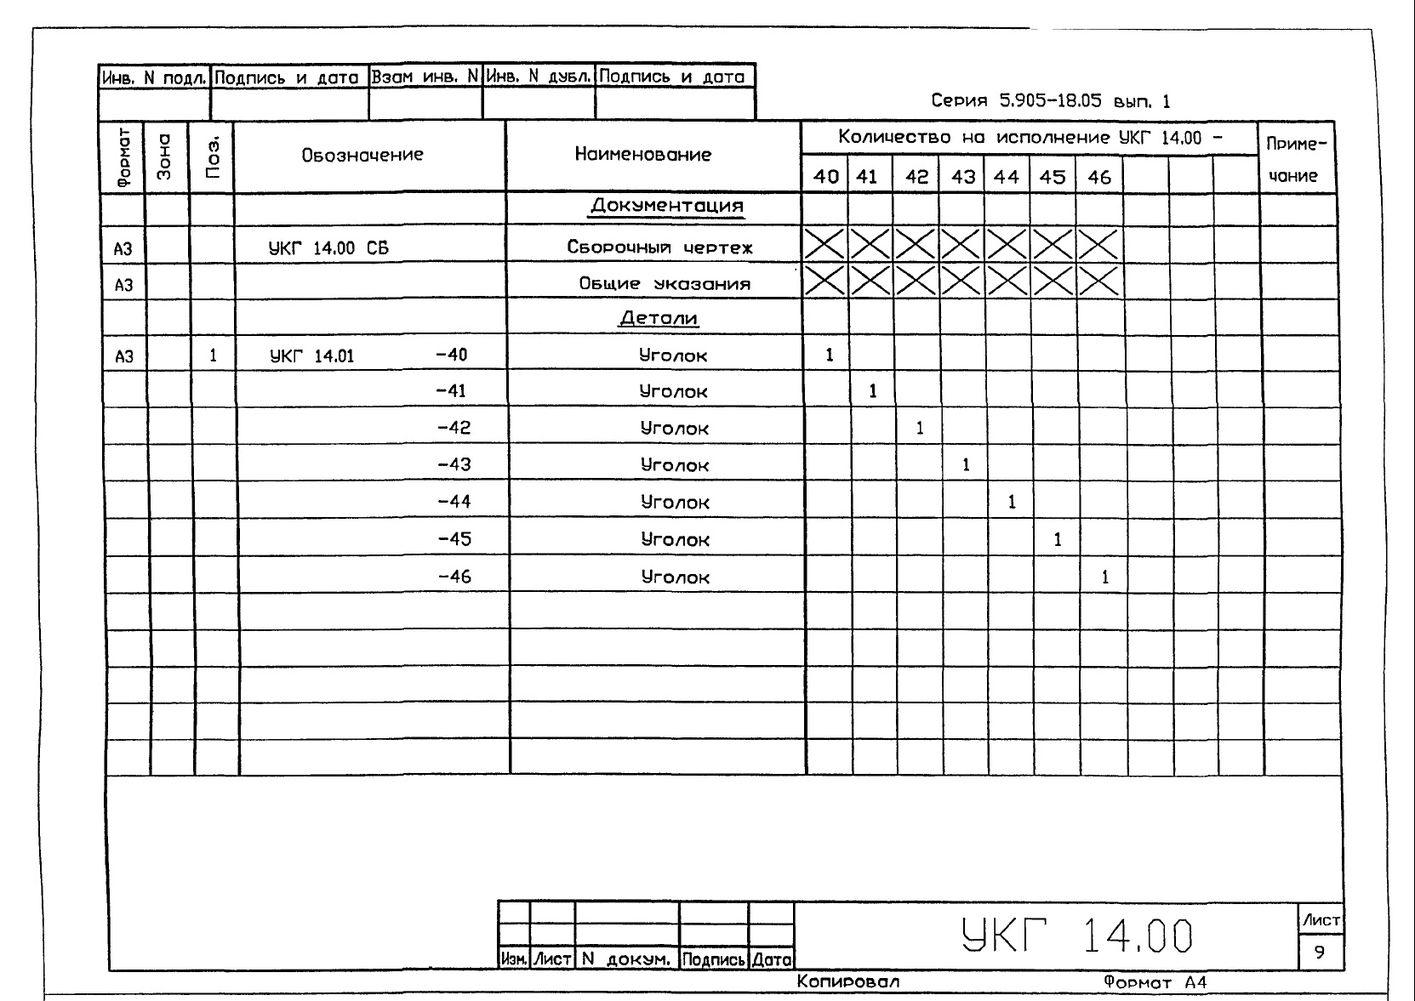 Крепление 2х (двух) вспомогательных газопроводов к основному УКГ 14.00 СБ серия 5.905-18.05 выпуск 1 стр.12